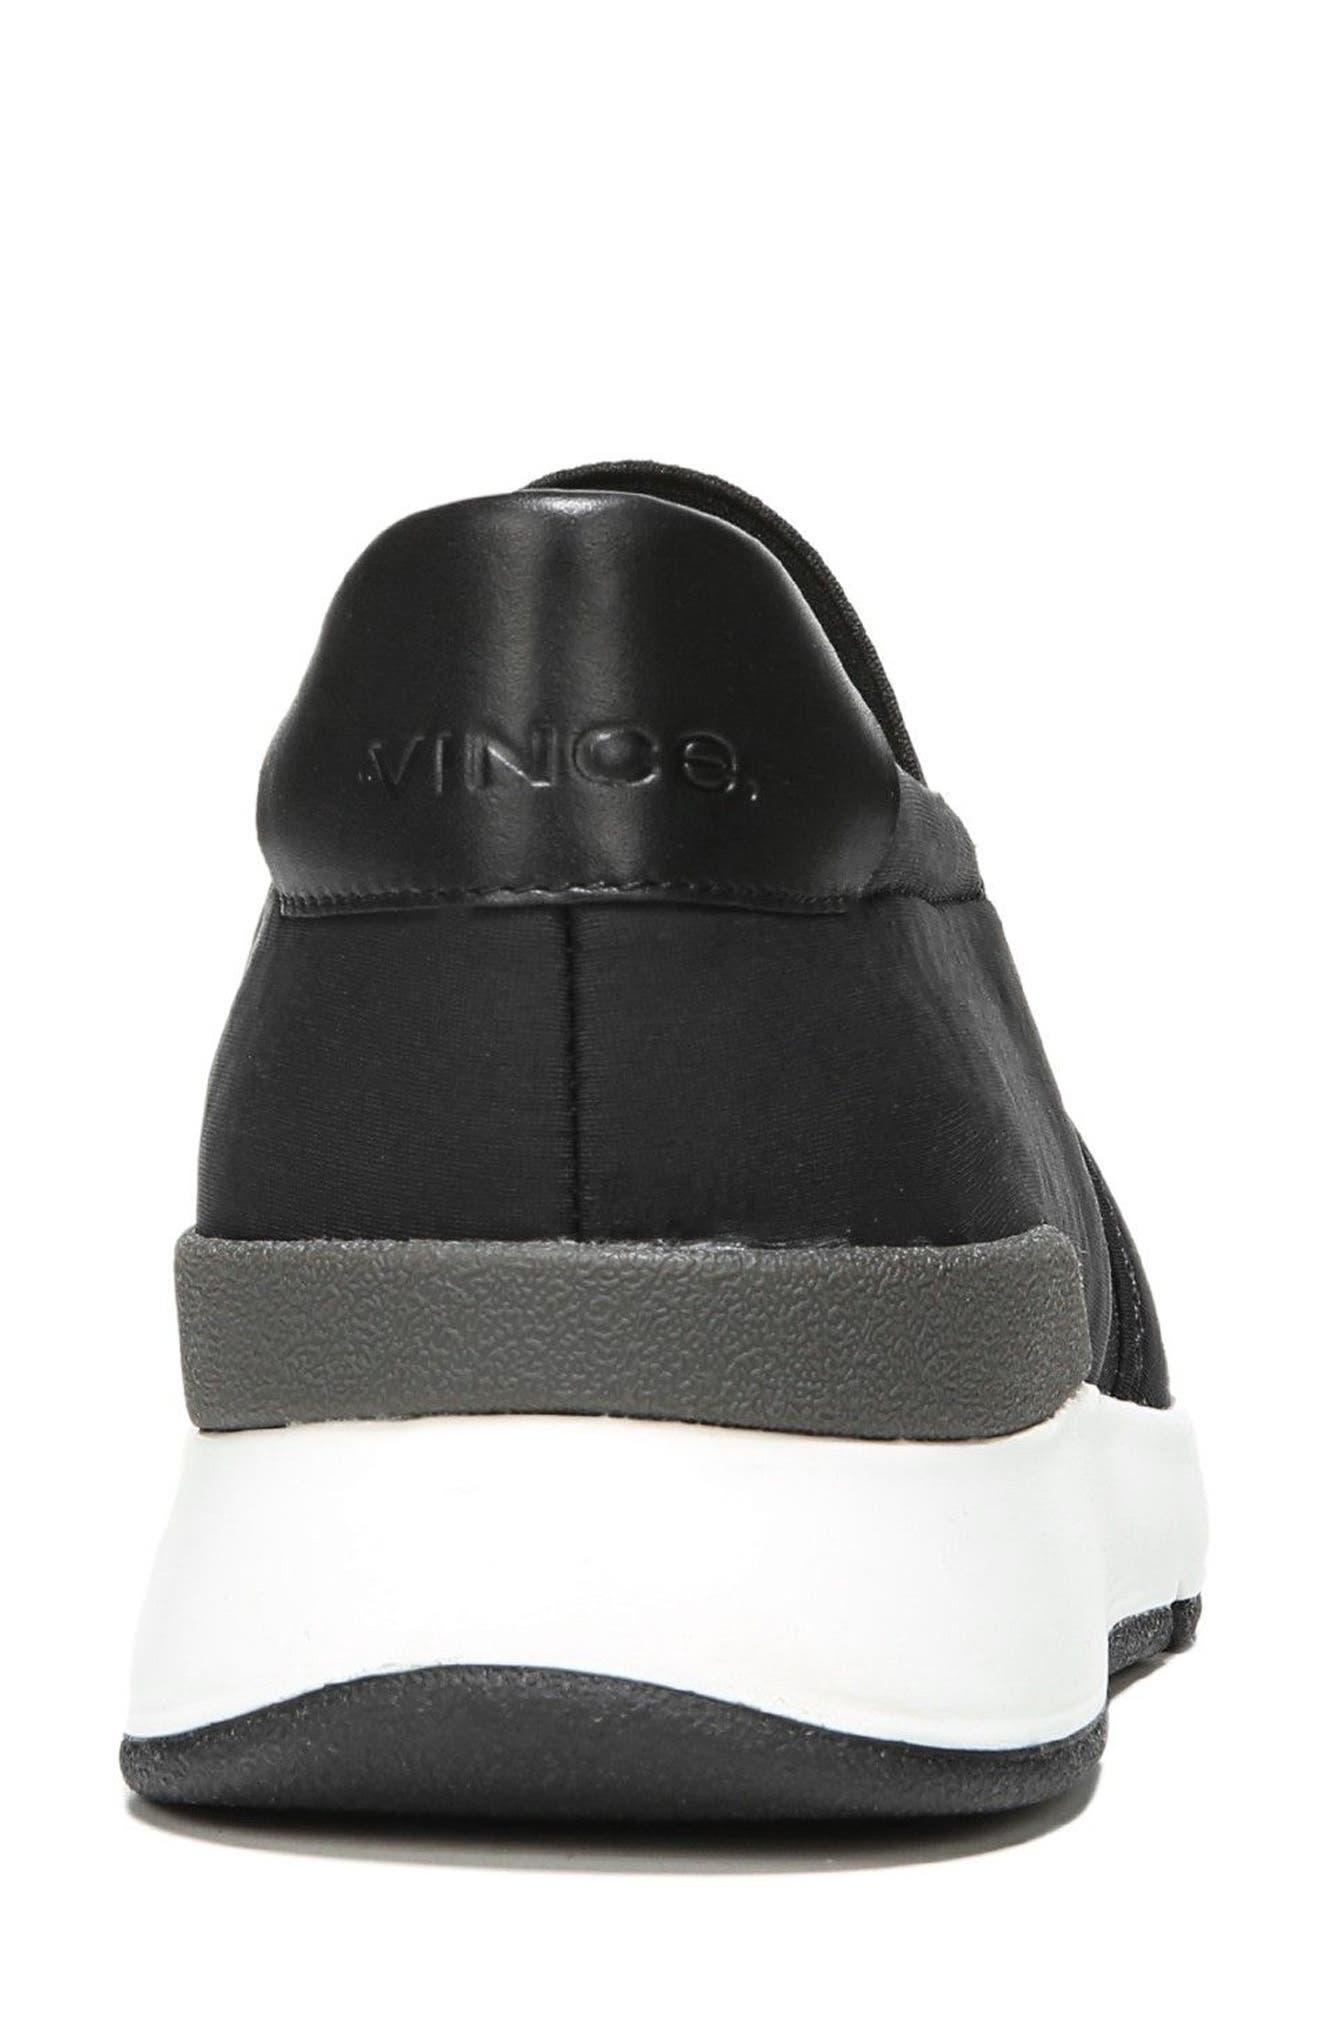 Truscott Slip-On Sneaker,                             Alternate thumbnail 5, color,                             001